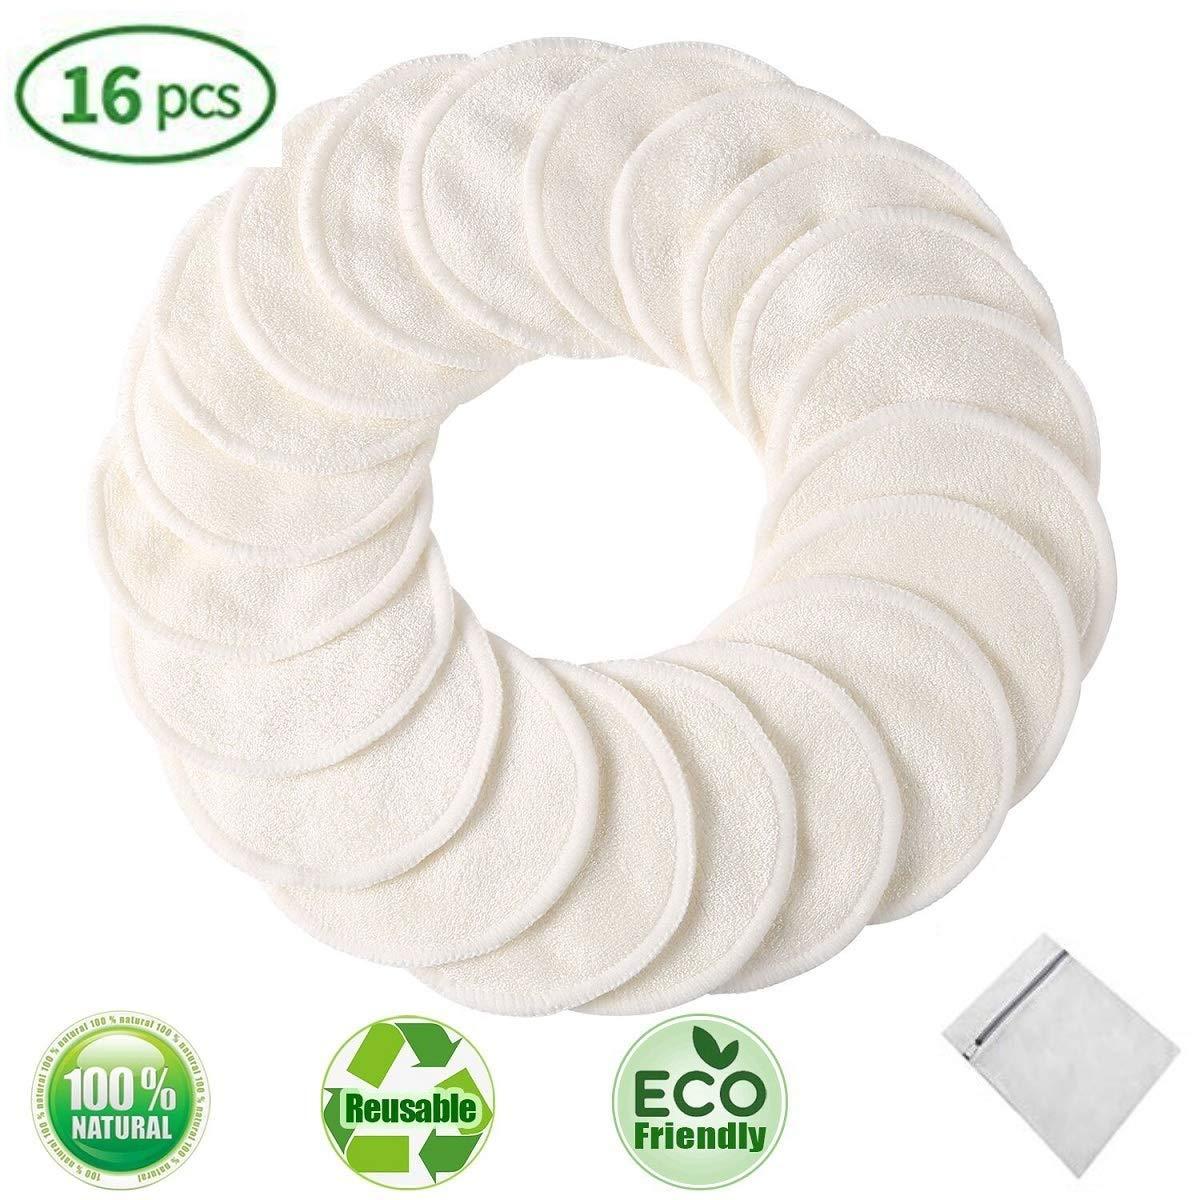 LATERN 16 piezas Desmaquillantes Reutilizables de Bamb/ú con bolsa de lavado Discos Desmaquillantes Lavables almohadillas desmaquillantes suaves para limpieza facial